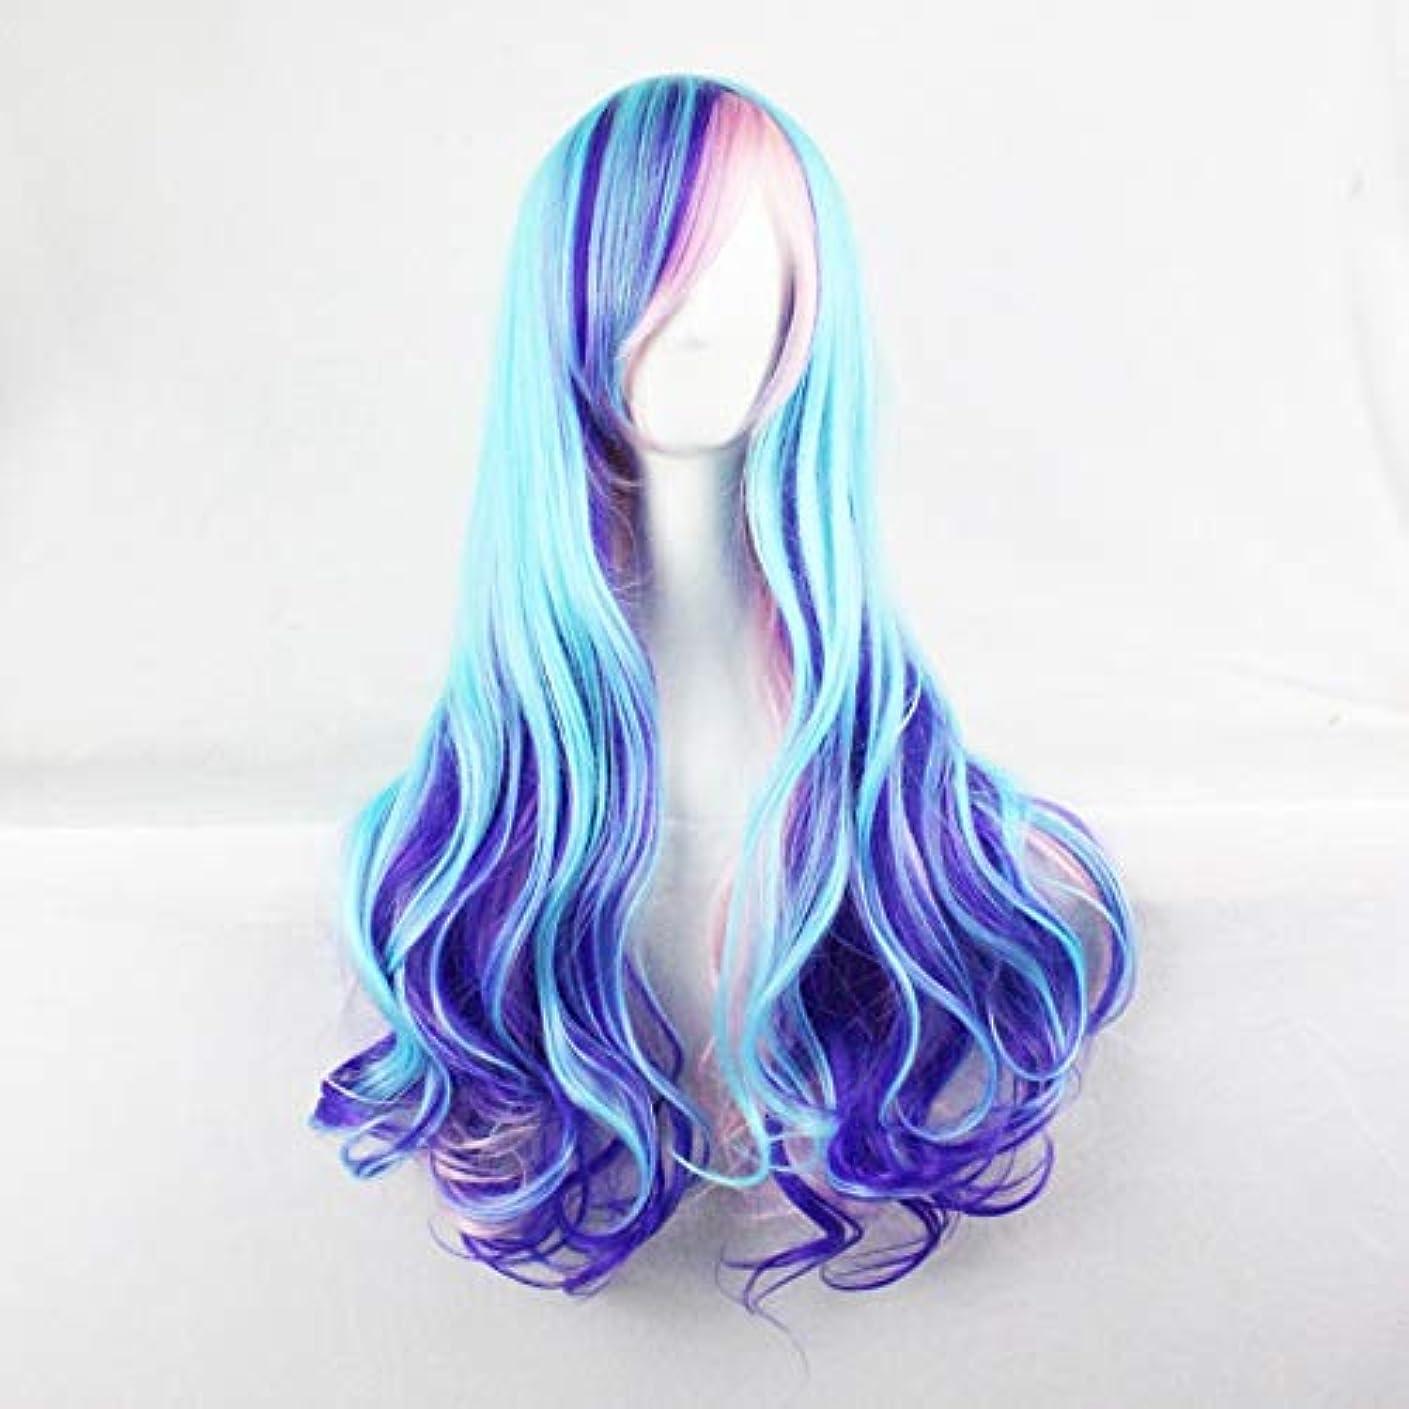 秋コジオスコ有毒なかつらキャップでかつらファンシードレスカールかつら女性用高品質合成毛髪コスプレ高密度かつら女性&女の子ブルー、ピンク、パープル (Color : 青)